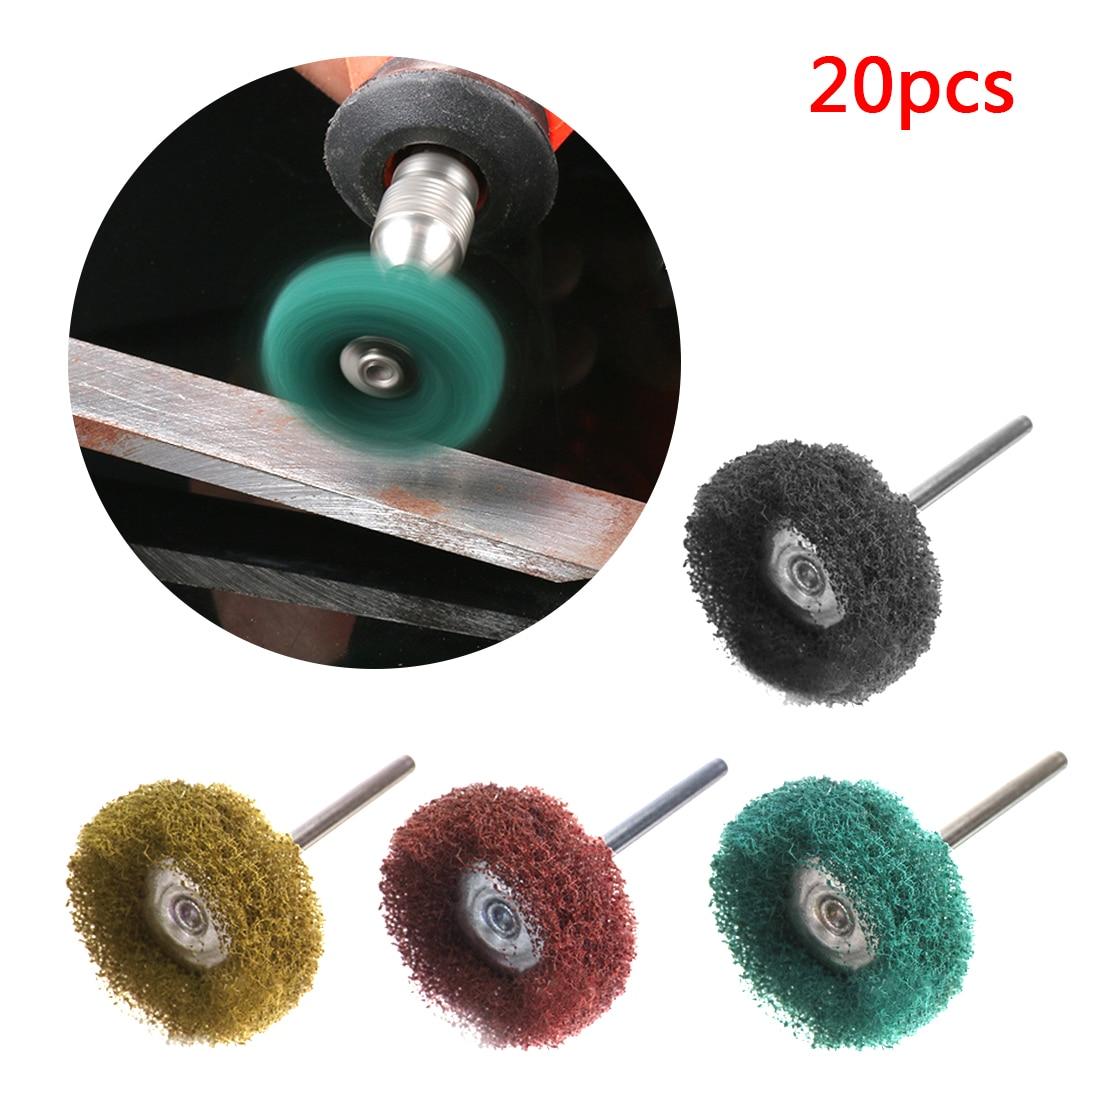 Mini Brush Scouring Pad Abrasive Wheel Nylon Fiber Grinding Sanding Head Buffing Polishing Wheel For Dremel